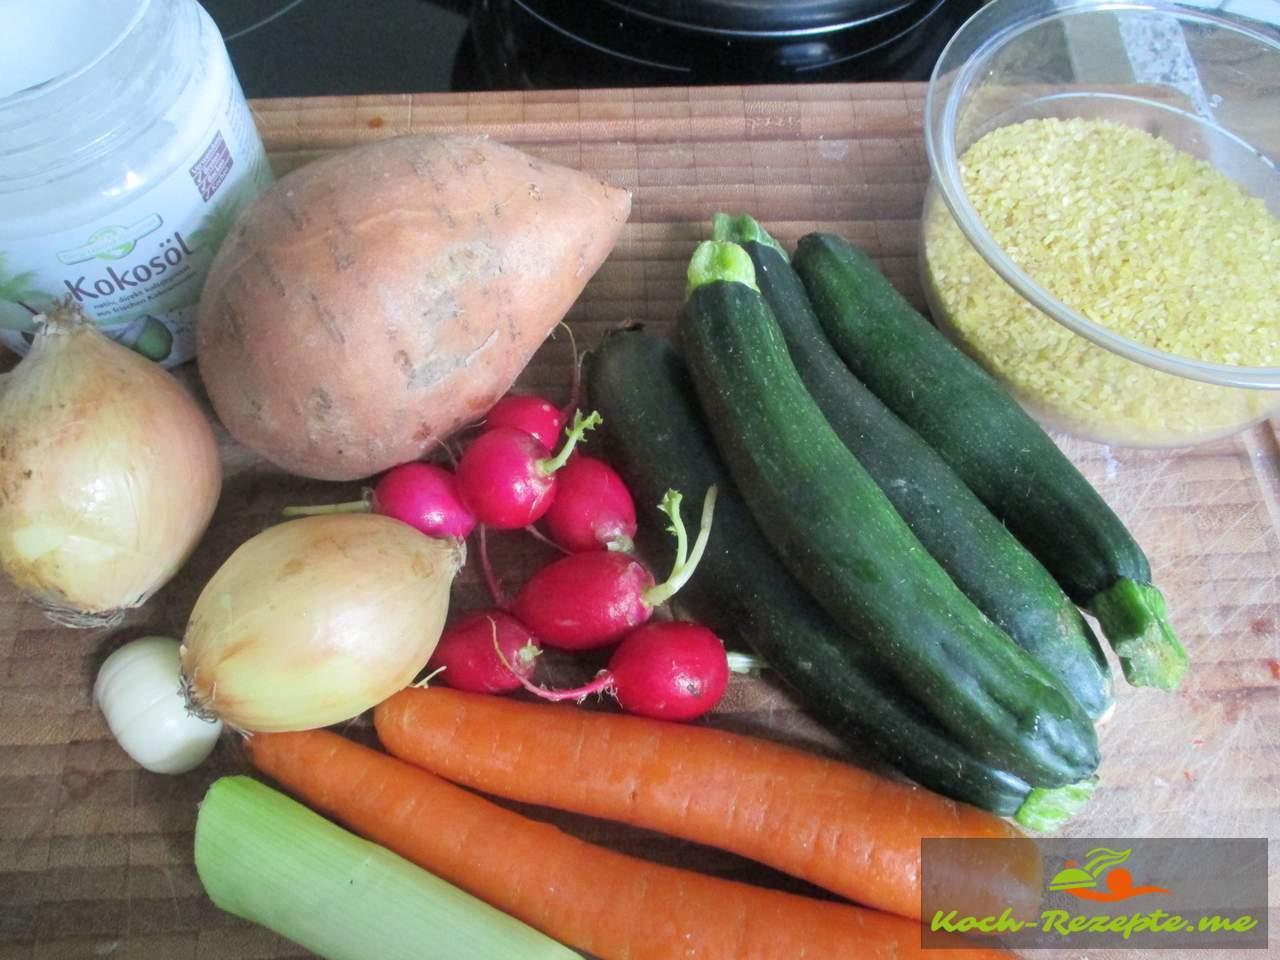 Bulgurtopf Zutaten: kleine Zucchini, Möhren,Zwiebeln,Radieschen,Knoblauch,Porree,Süßkartoffel, Bulgur, Kokosöl